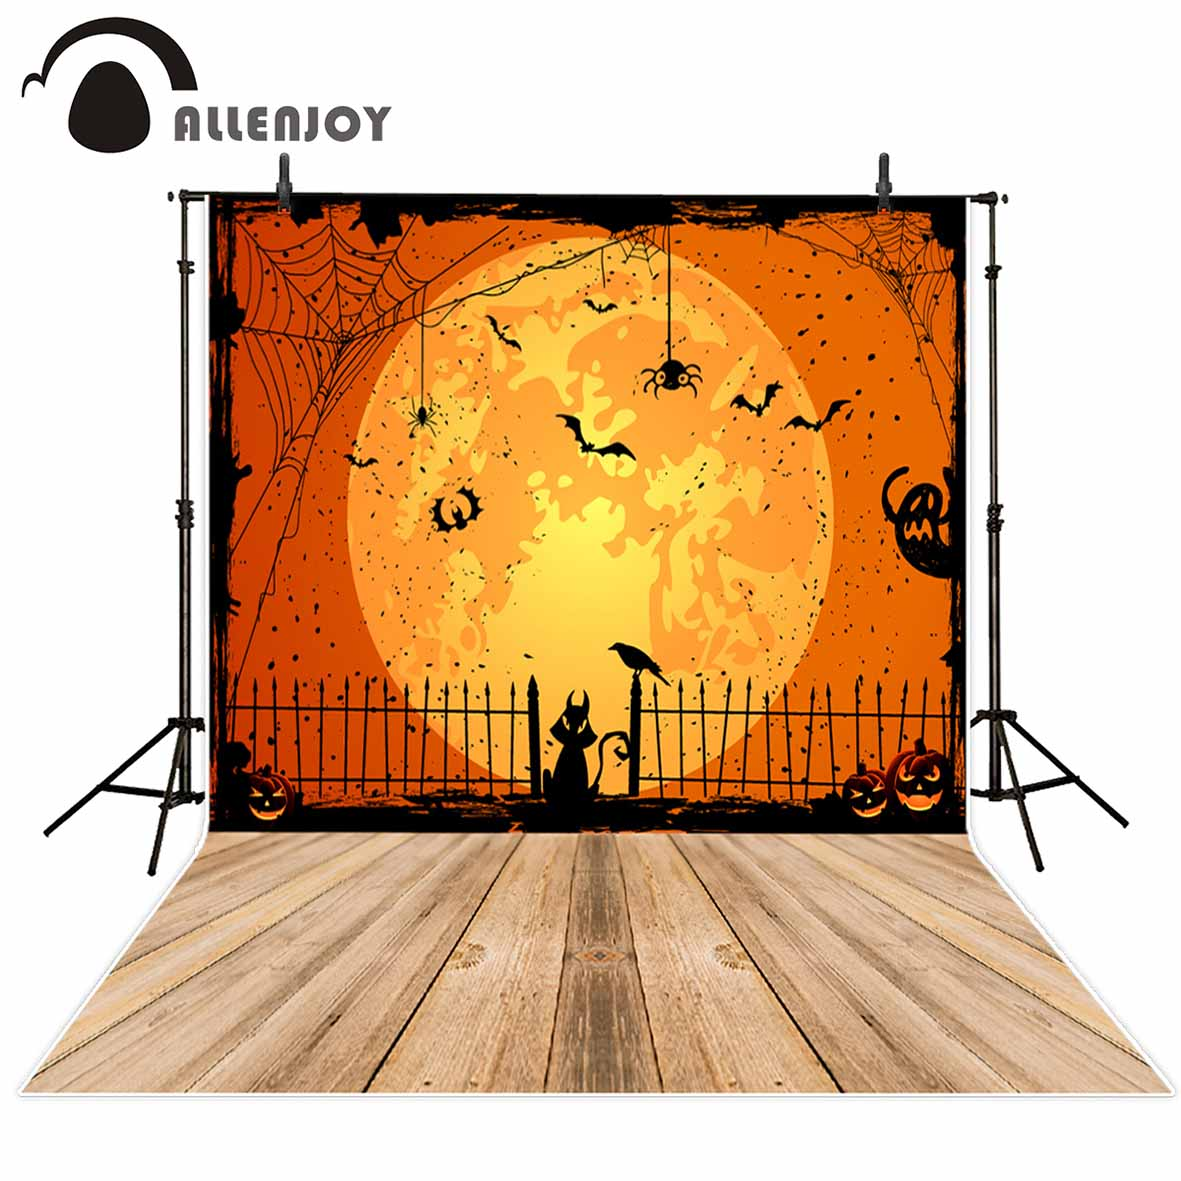 Zucca Halloween Gatto.Us 9 17 34 Di Sconto Allenjoy Sfondo Per La Foto In Studio Di Luna Piena Ragno Nero Gatto Zucca Di Halloween Sfondo Neonato Originale Disegno